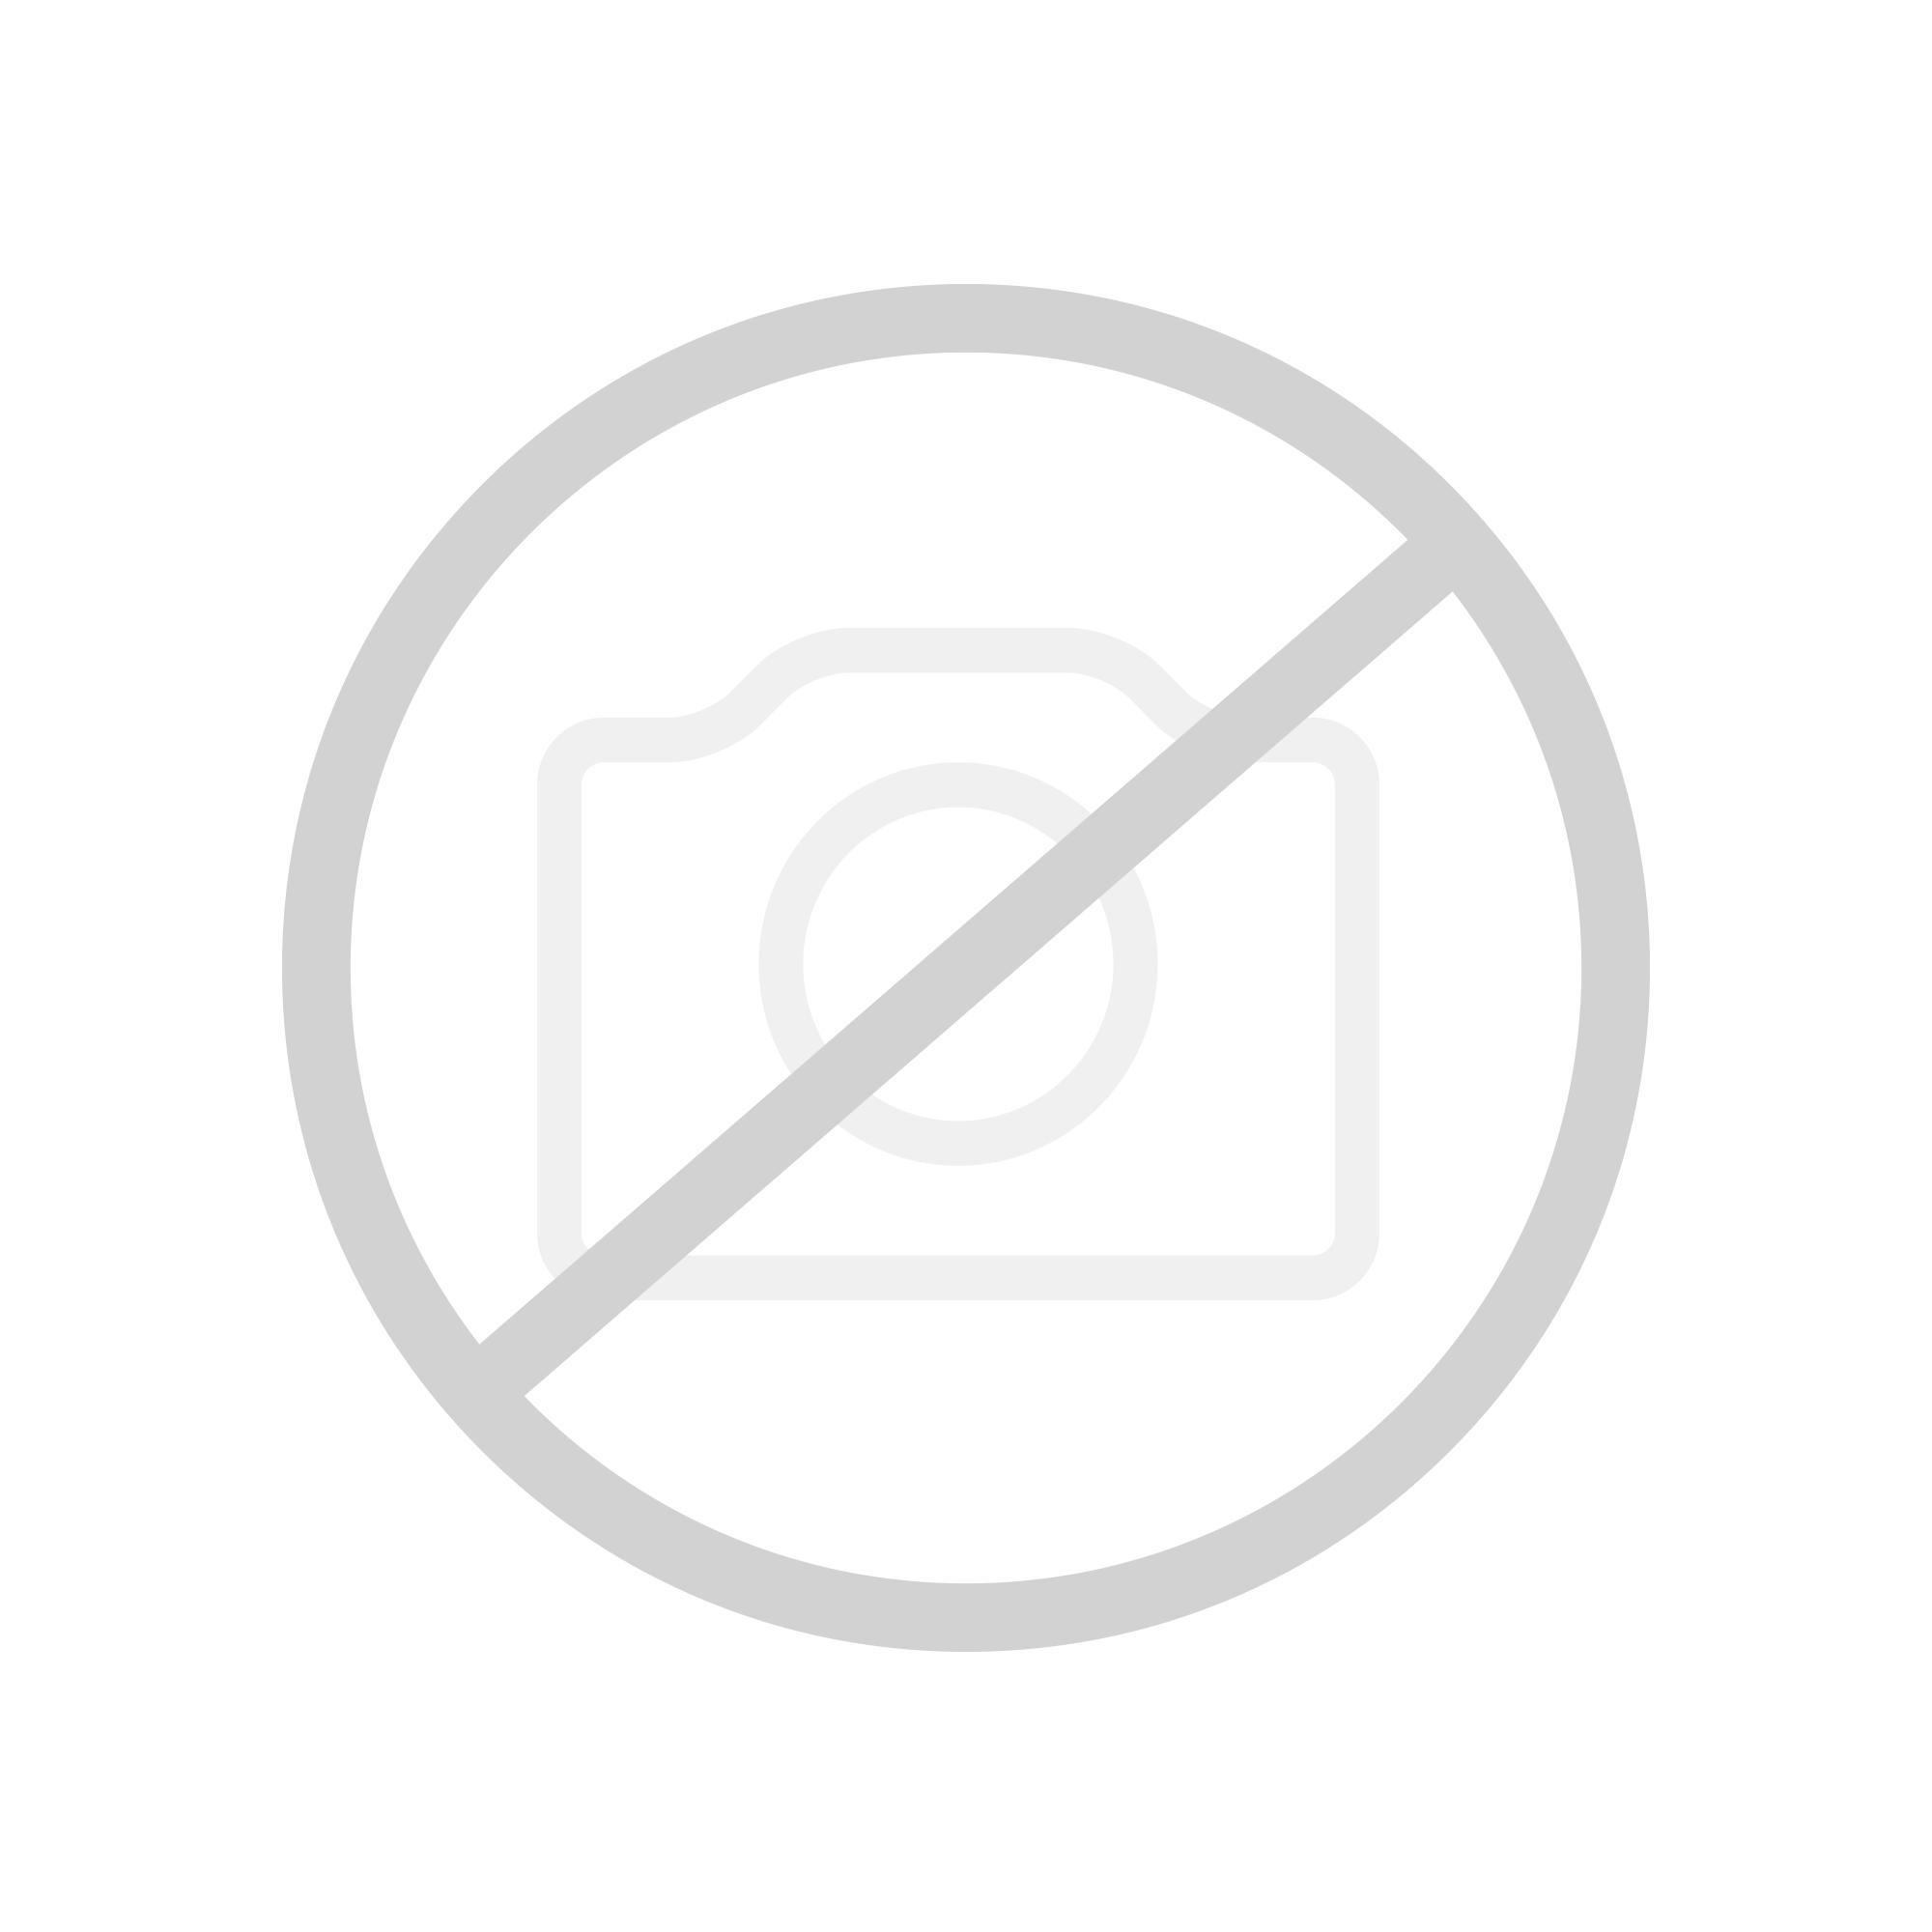 Steinberg Serie 100 Waschtisch-Einhebelmischbatterie zur Wandmontage, Ausladung 195 mm